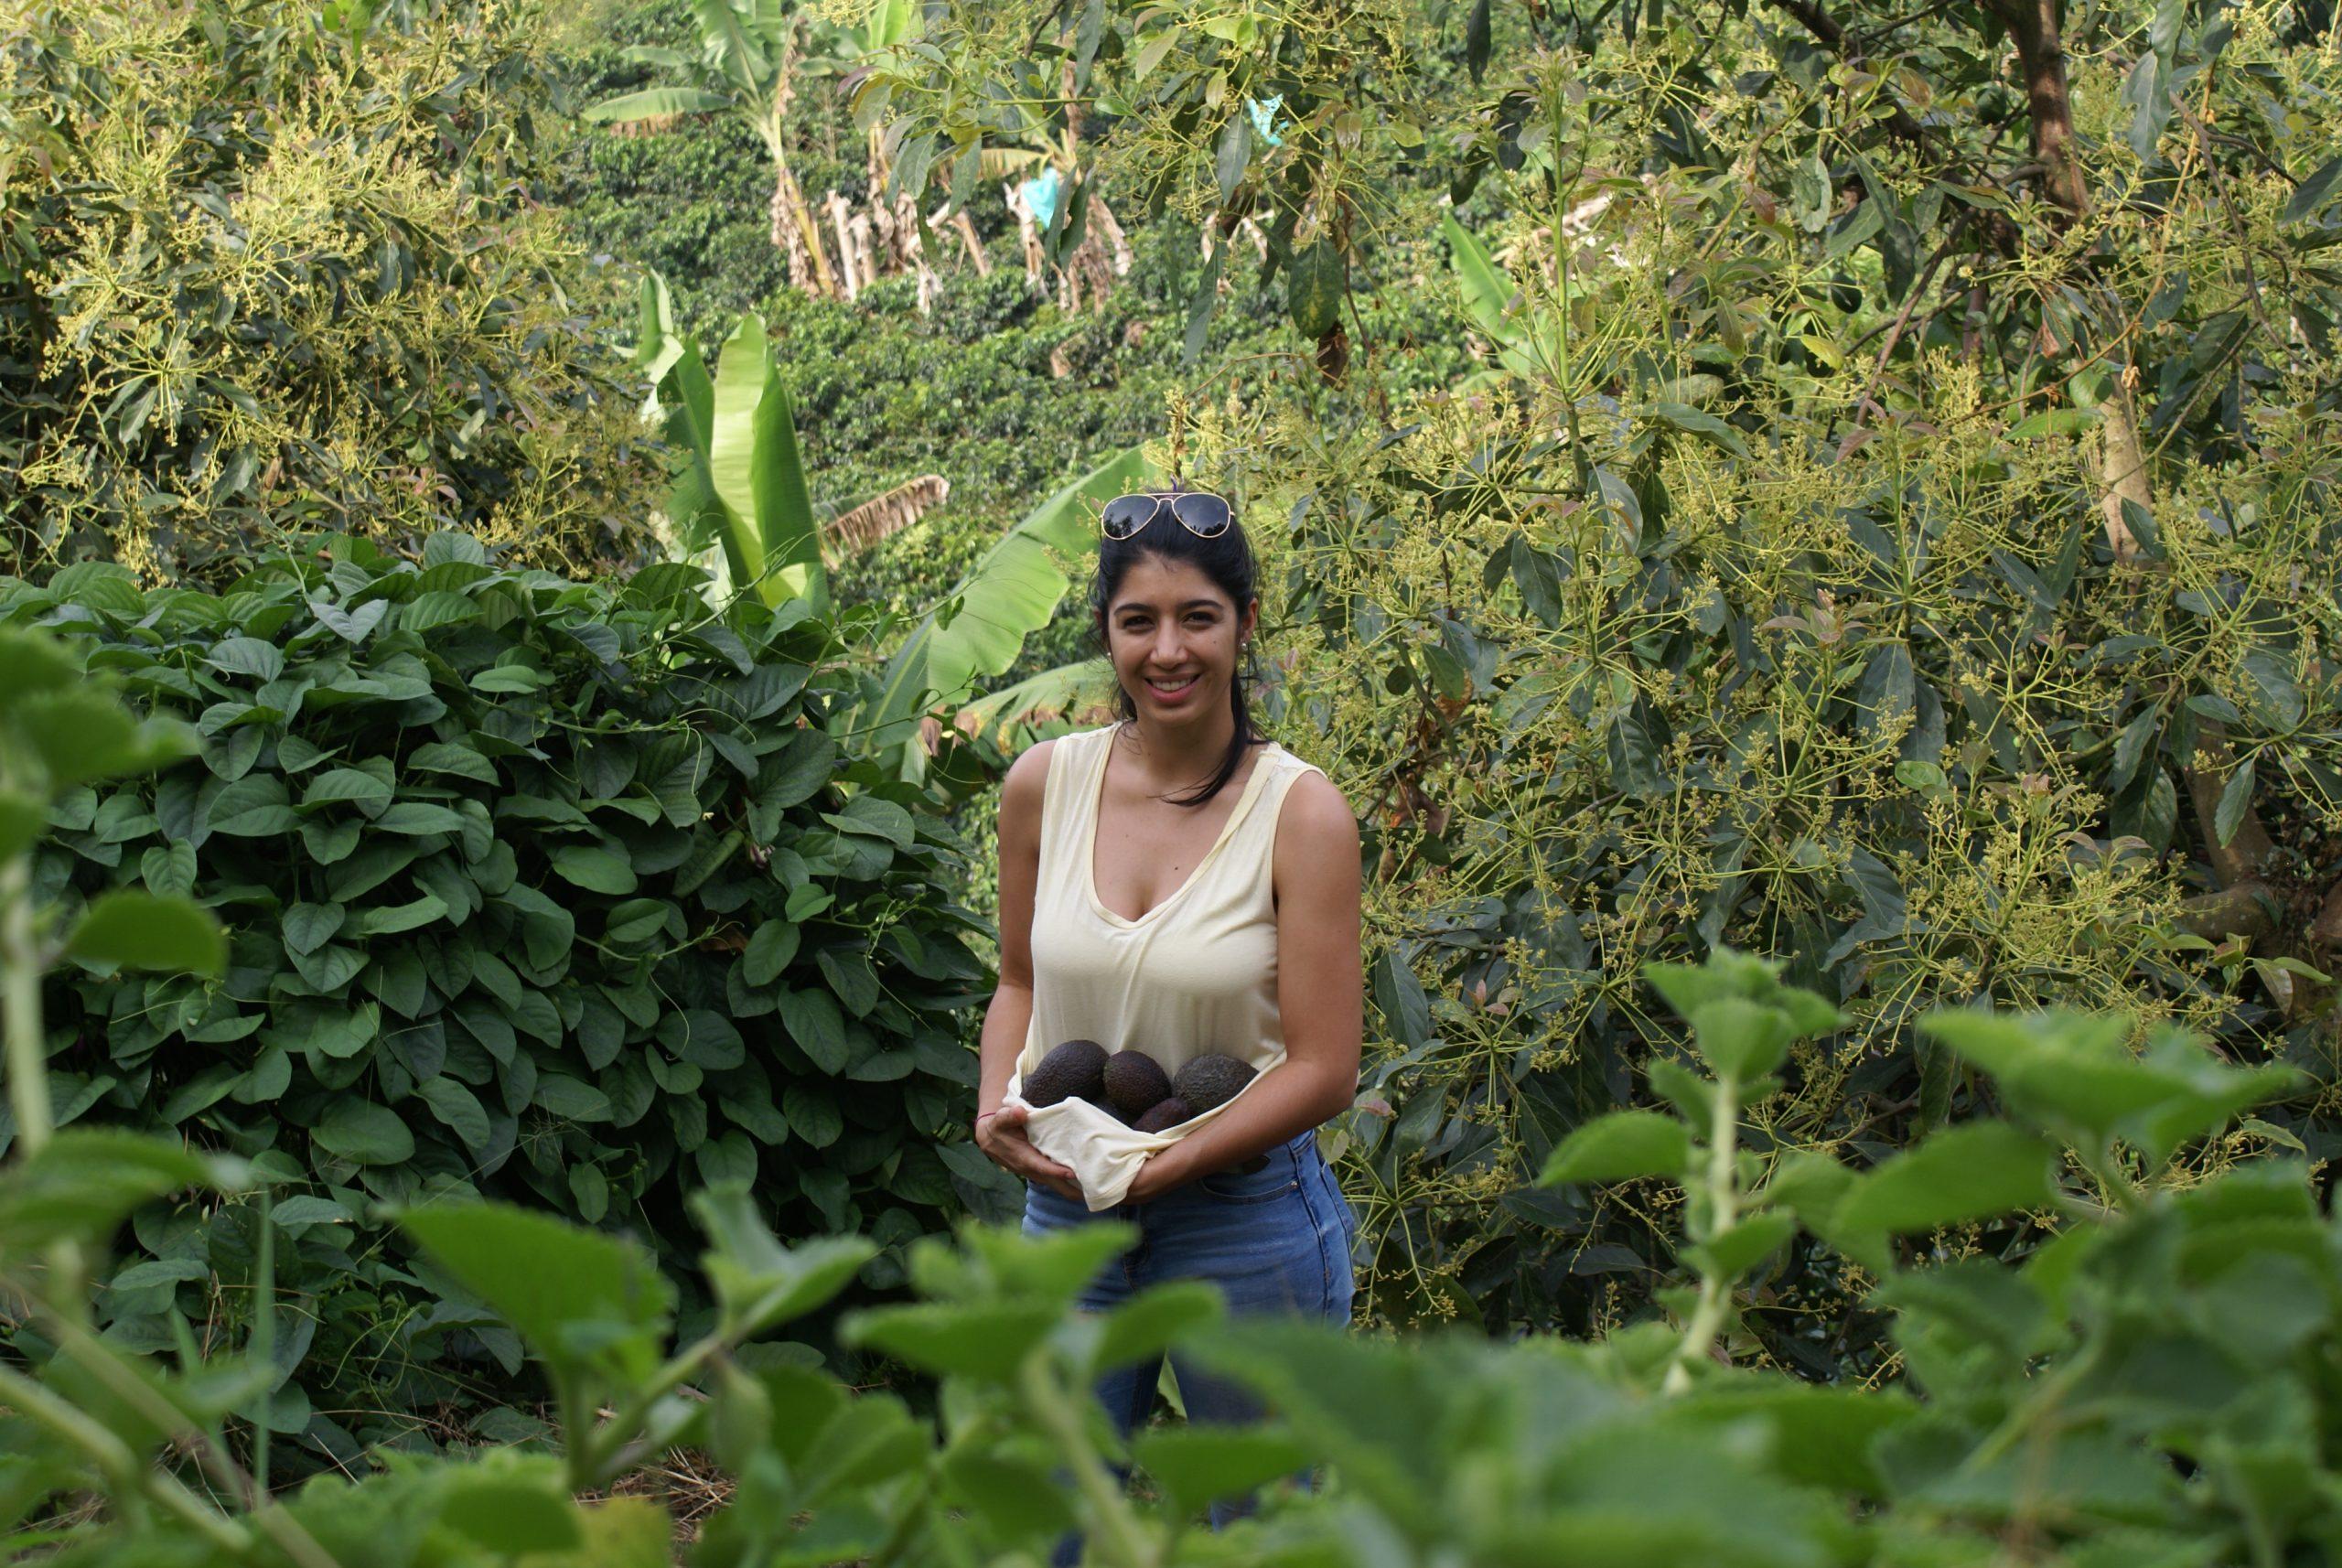 Natalia Zuluaga